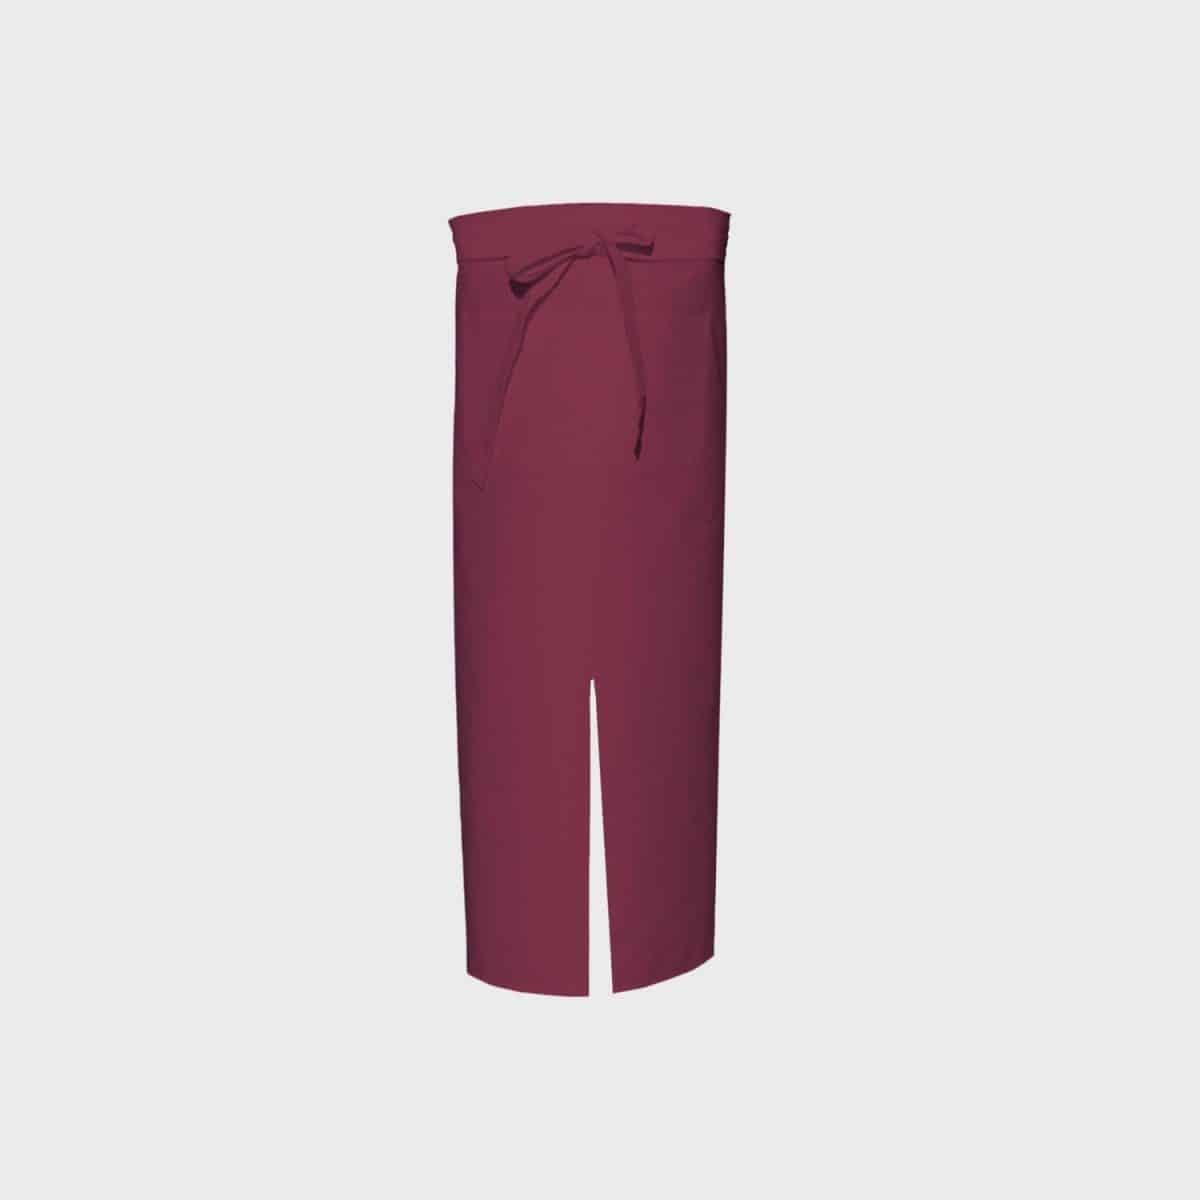 LINK KITCHENWEAR Schürze lang mit Gehschlitz und Tasche